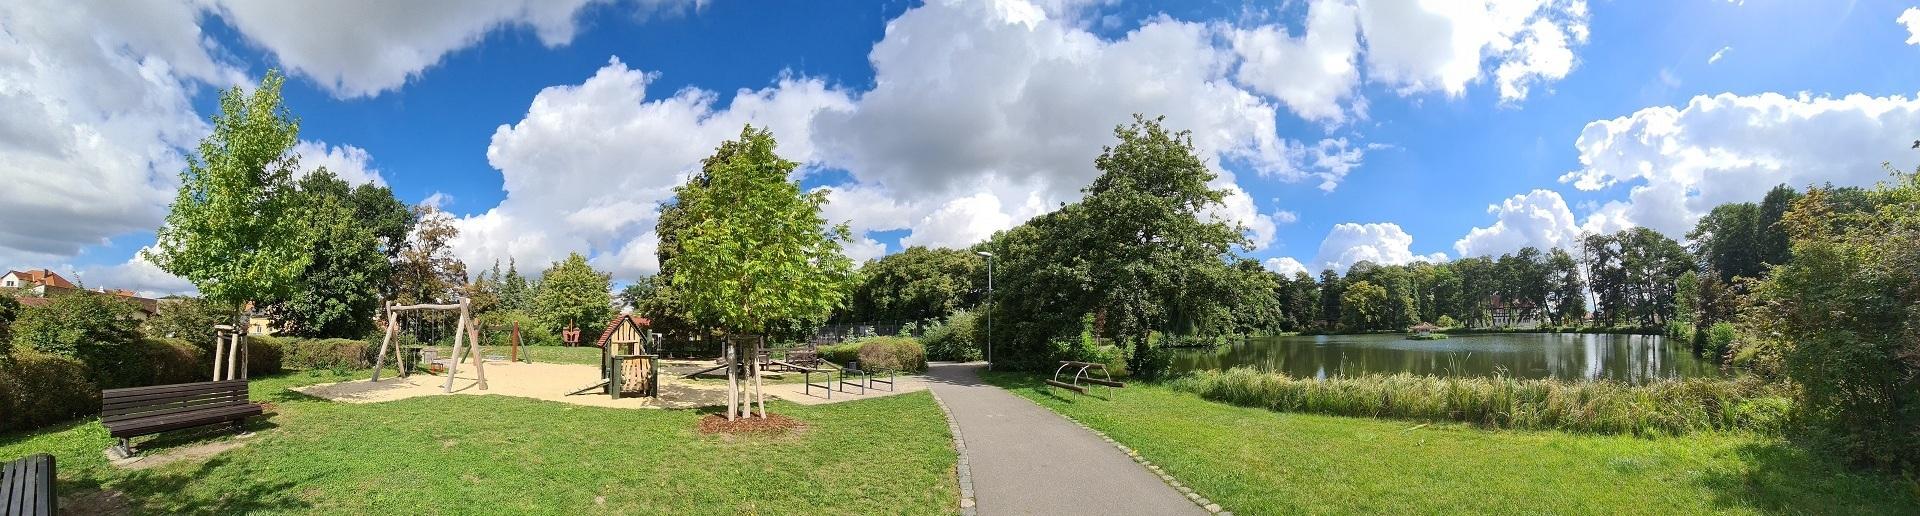 Spielpark Treuenbrietzen (Foto: Stadtverwaltung Treuenbrietzen)